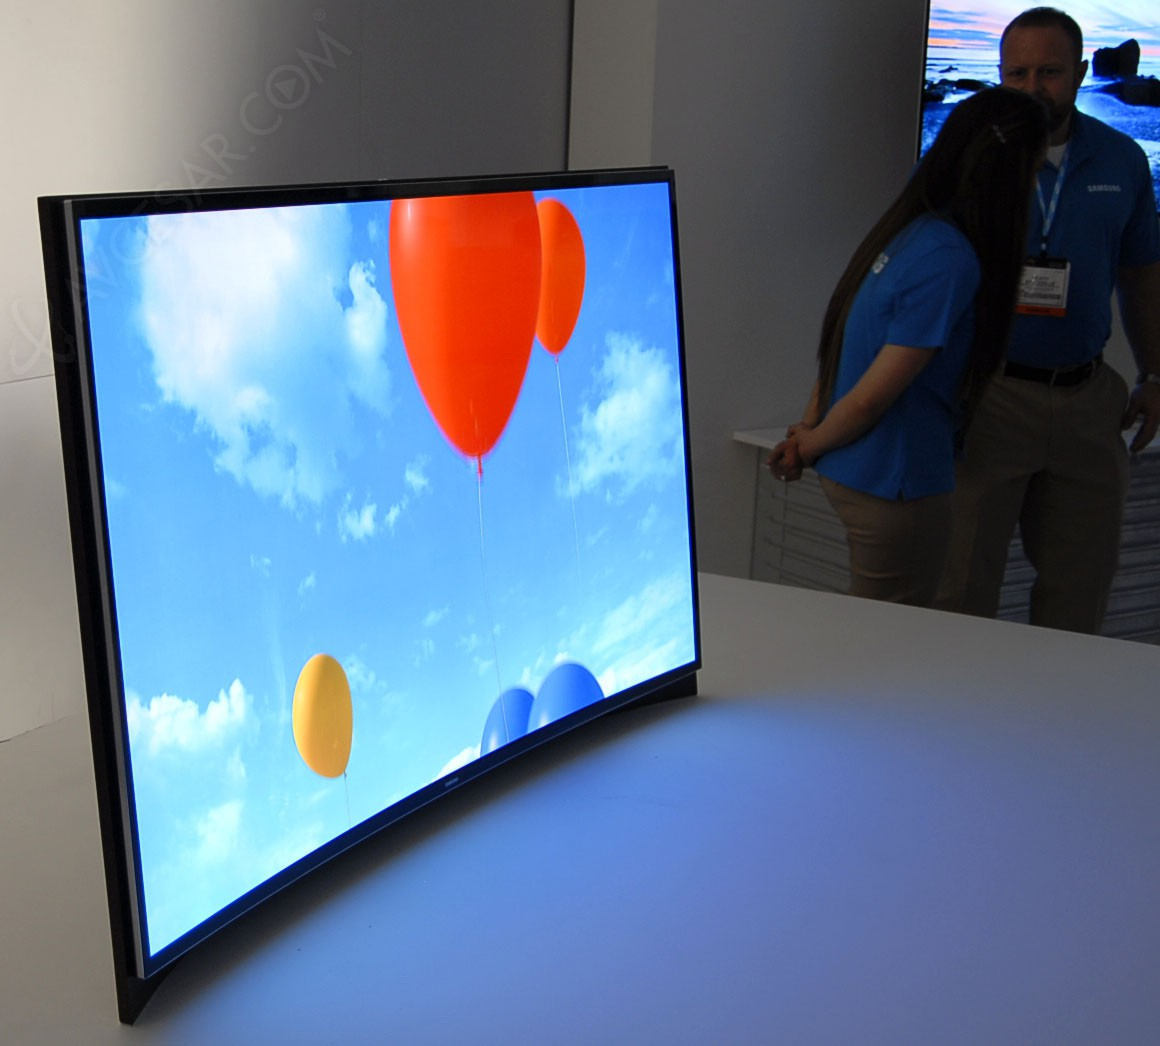 tv oled samsung kn55s9 courbe en magasins en cor e et 75 39 39 en approche. Black Bedroom Furniture Sets. Home Design Ideas